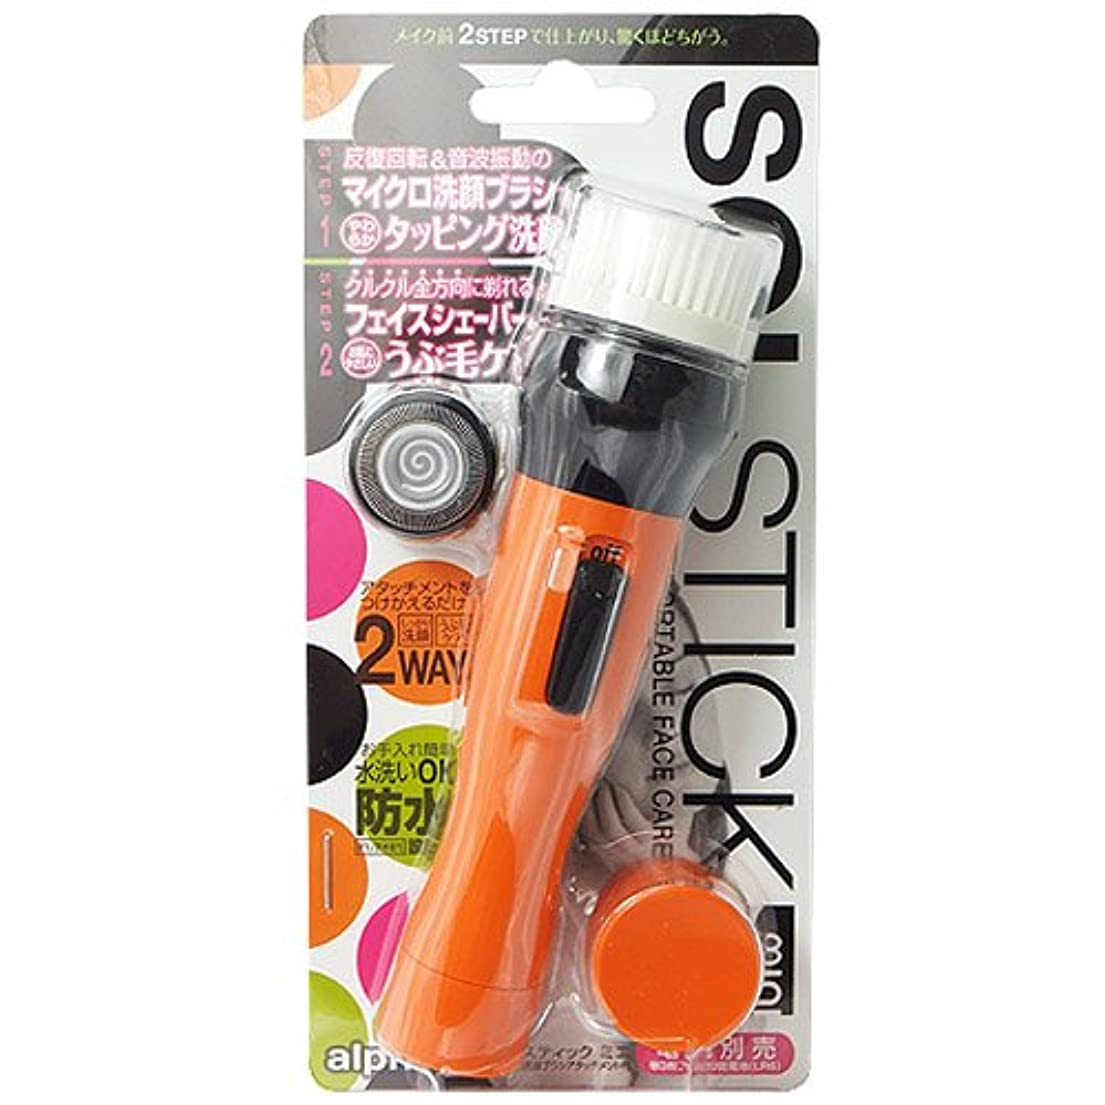 飼いならす接続された受け取るアルファP  ソルスティック ミニ マイクロ洗顔ブラシアタッチメント付  オレンジ